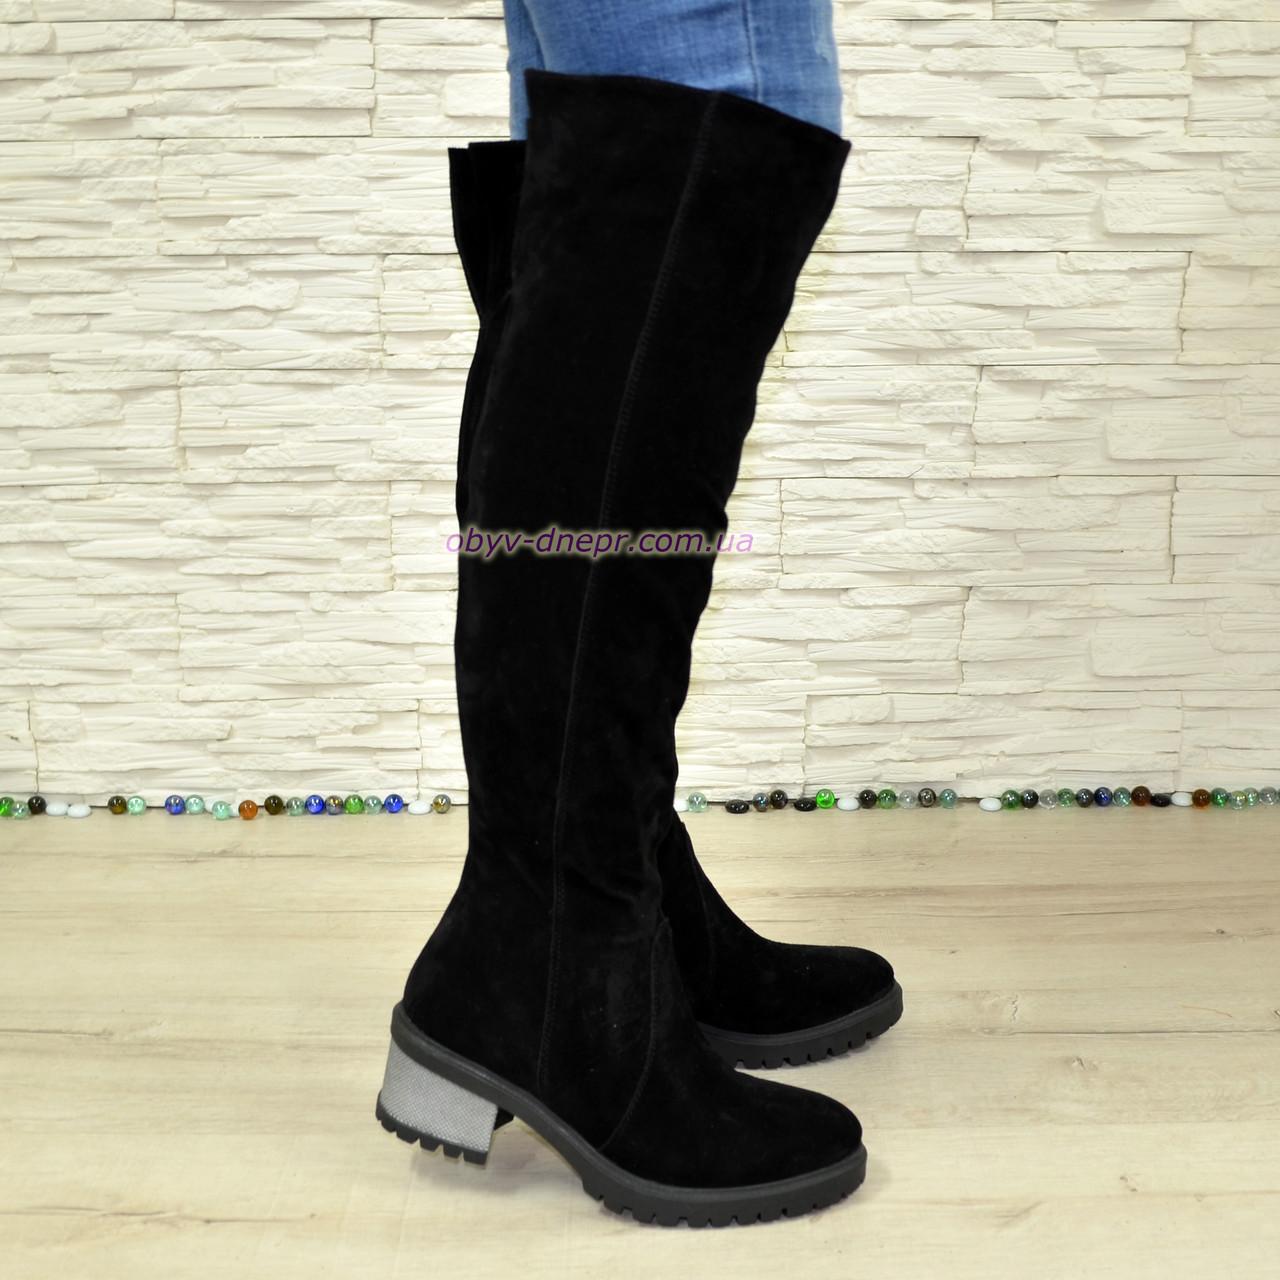 Ботфорты зимние замшевые женские на невысоком каблуке, цвет черный.